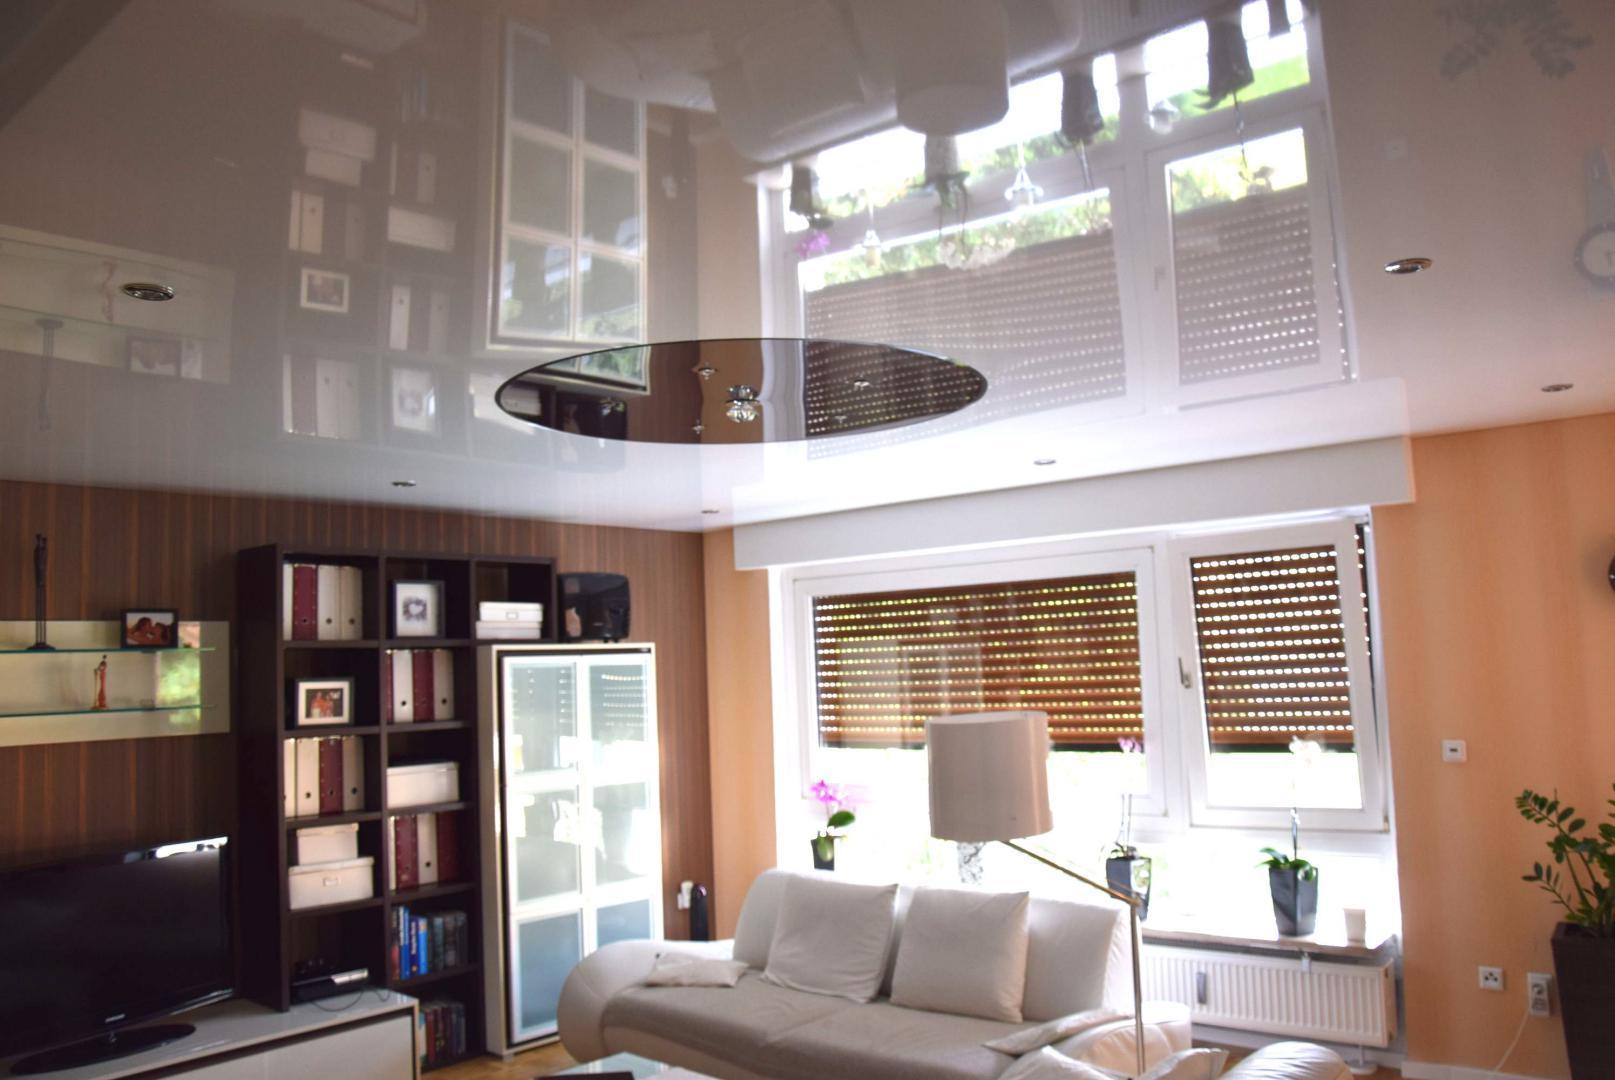 Full Size of Decke Gestalten Badezimmer Moderne Deckenleuchte Wohnzimmer Deckenlampe Esstisch Kleines Neu Deckenlampen Modern Tagesdecke Bett Tagesdecken Für Betten Wohnzimmer Decke Gestalten